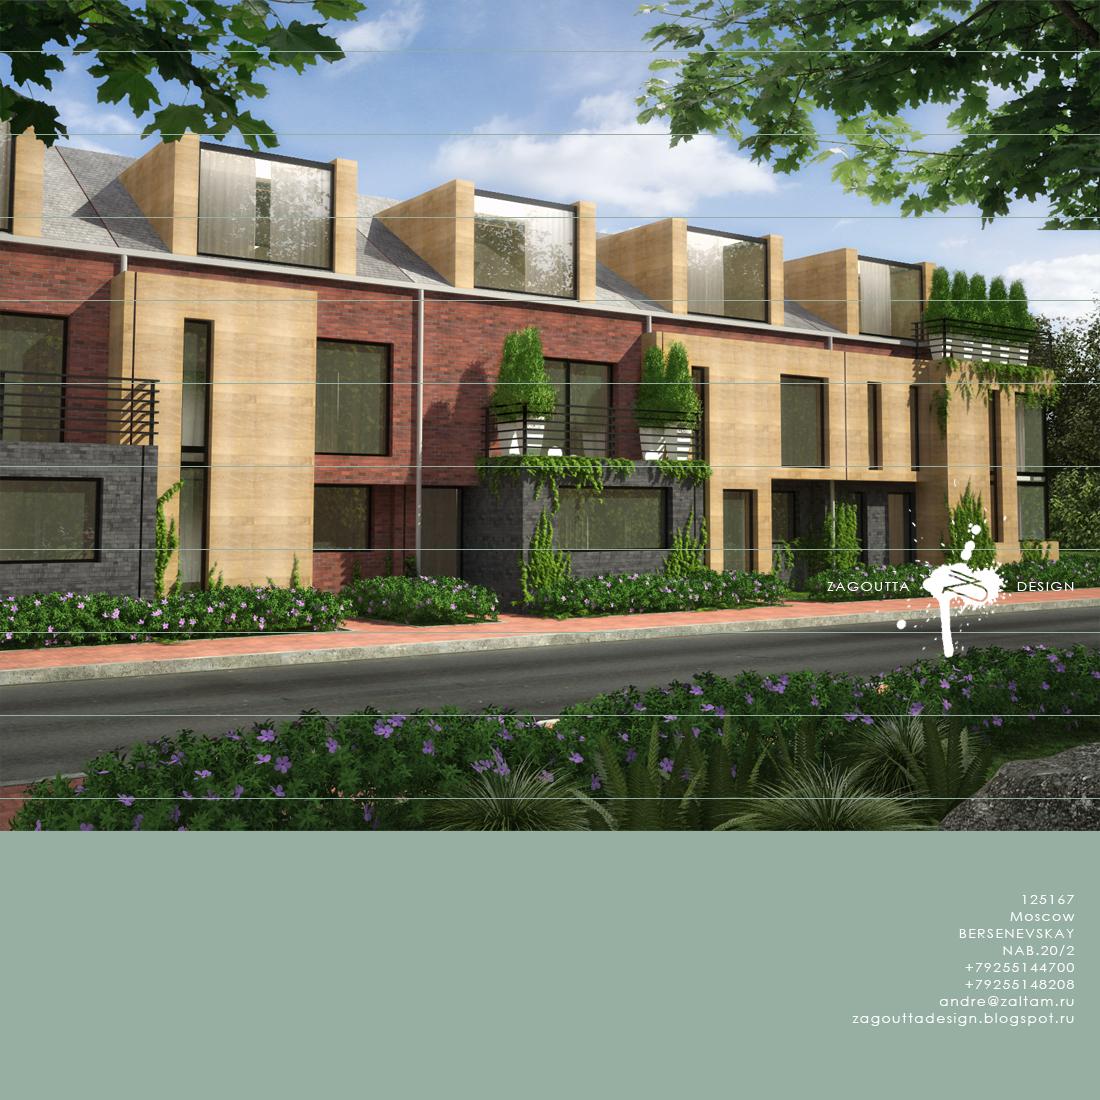 Zagoutta Design: Zagoutta Design Sierksdorf-Vorentwurf Mehrfamilienhaus